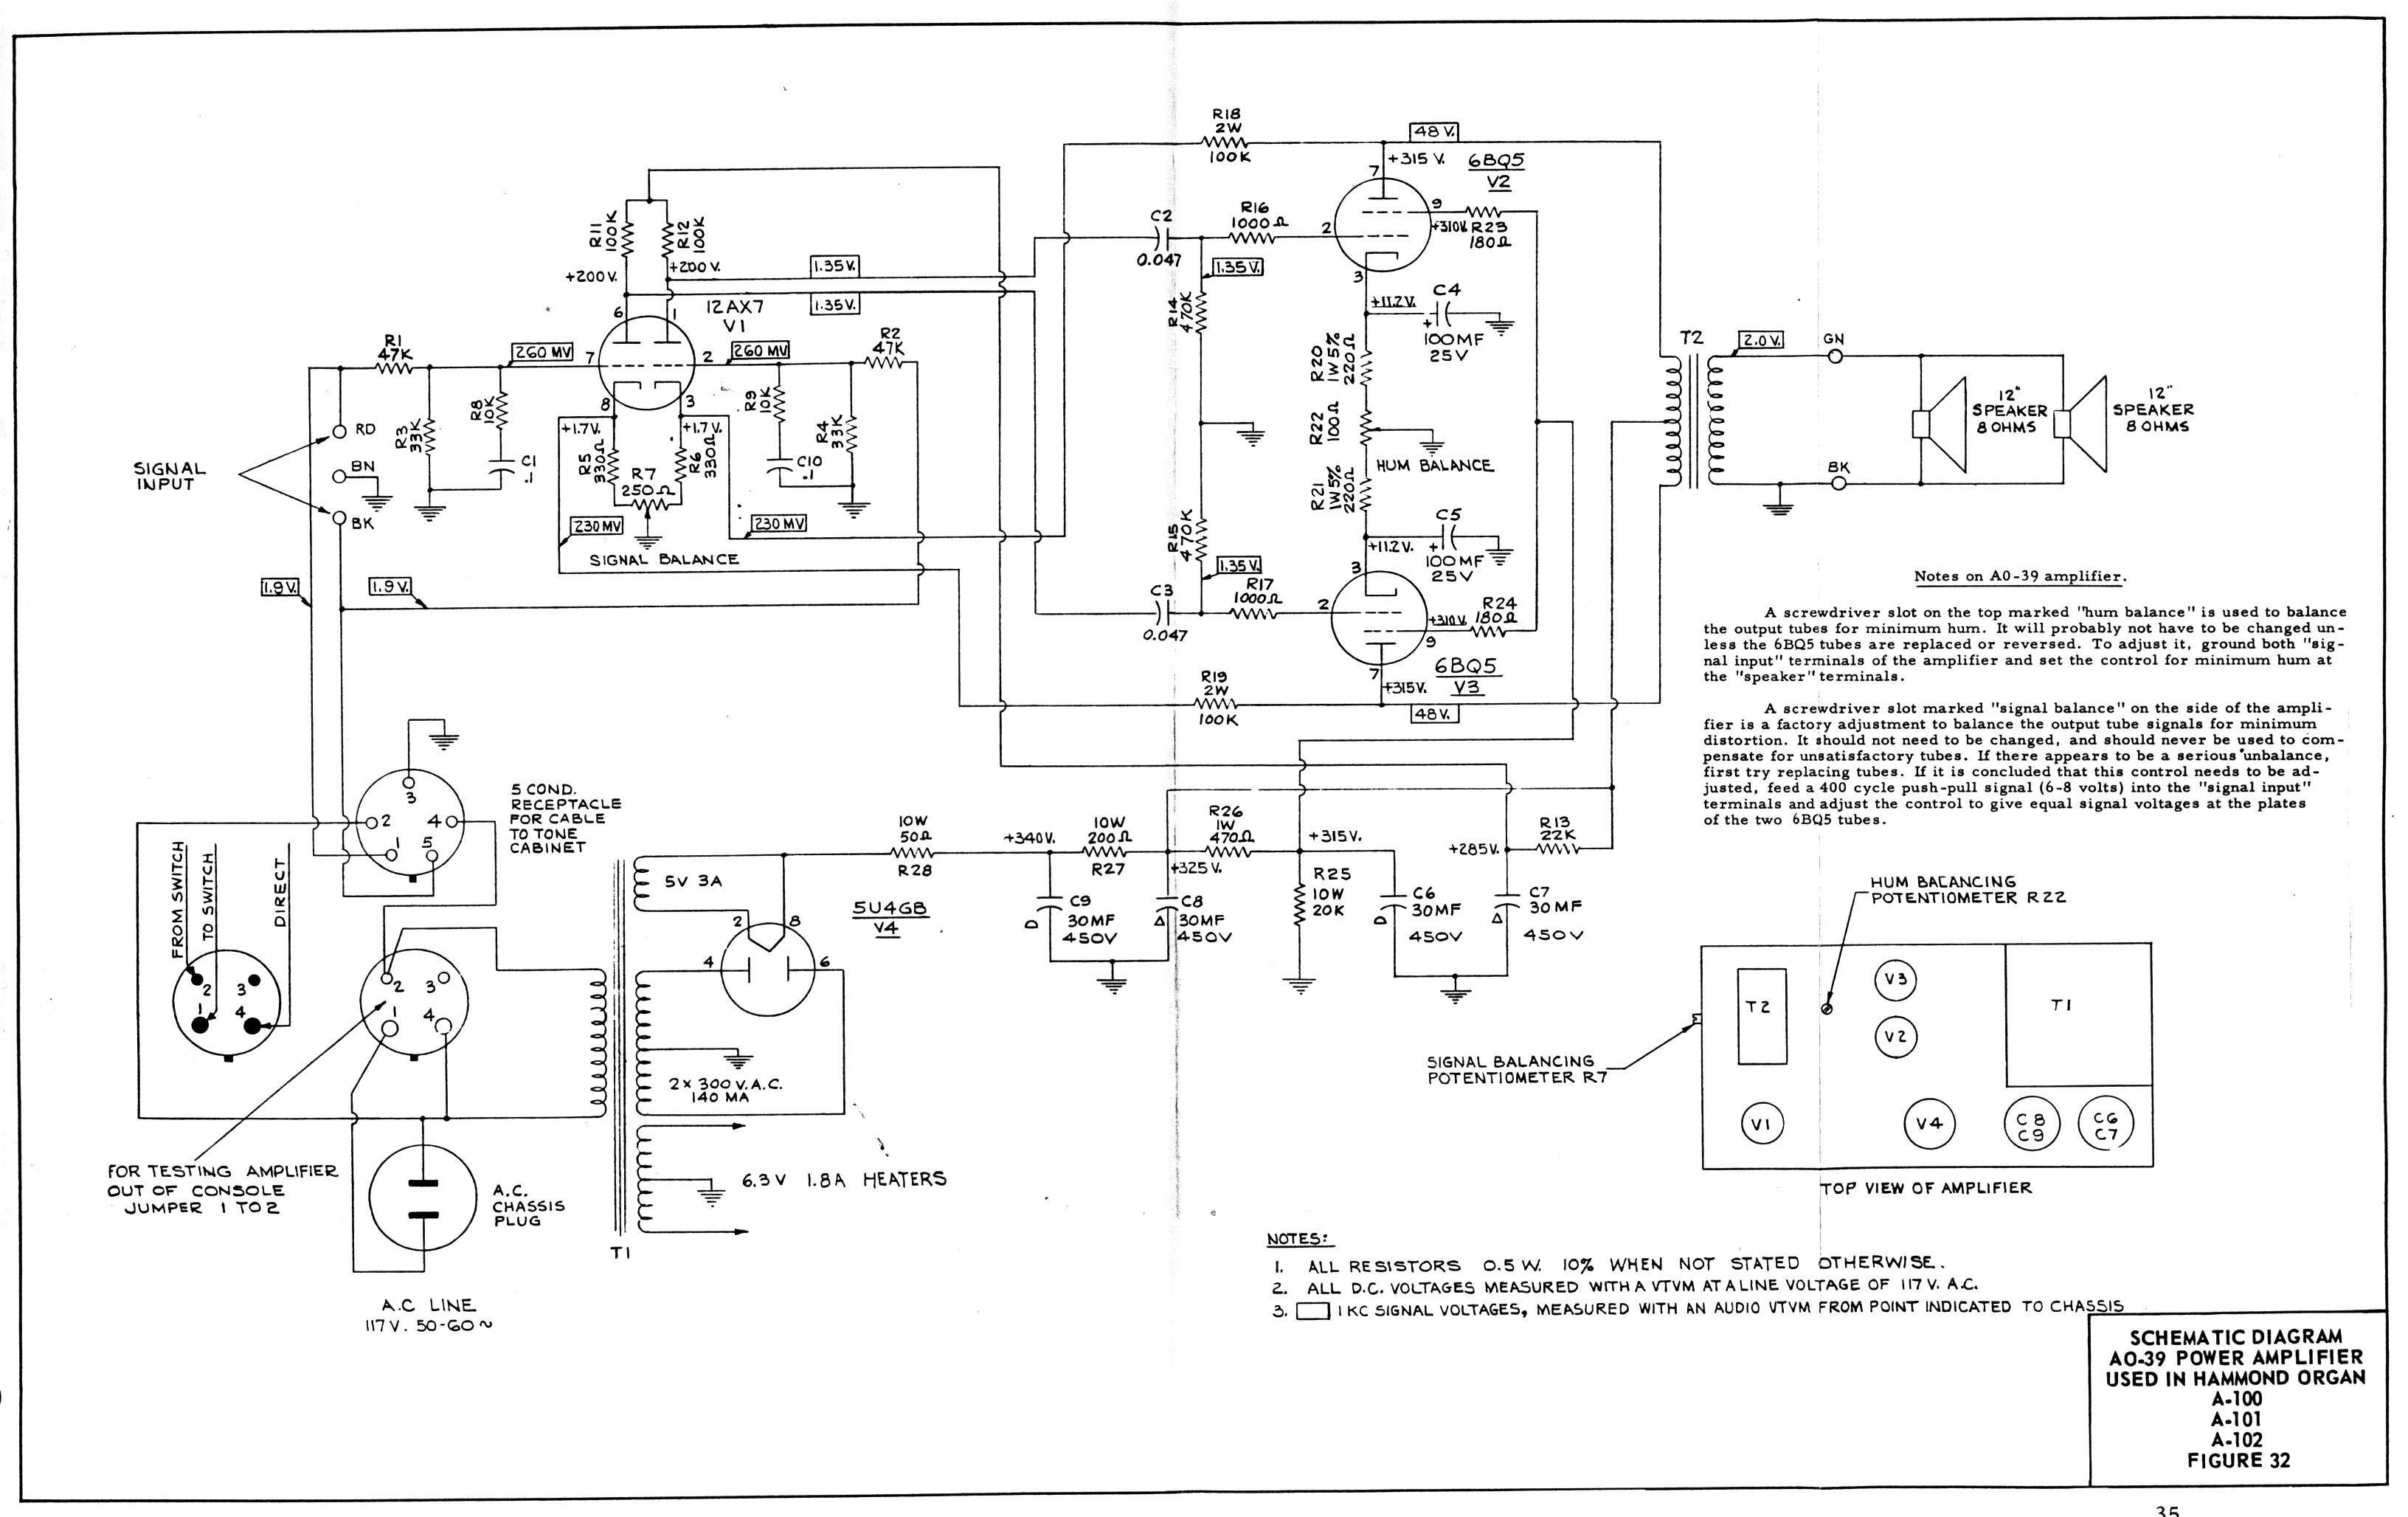 schem3 Hammond Organ S Schematic Diagrams on